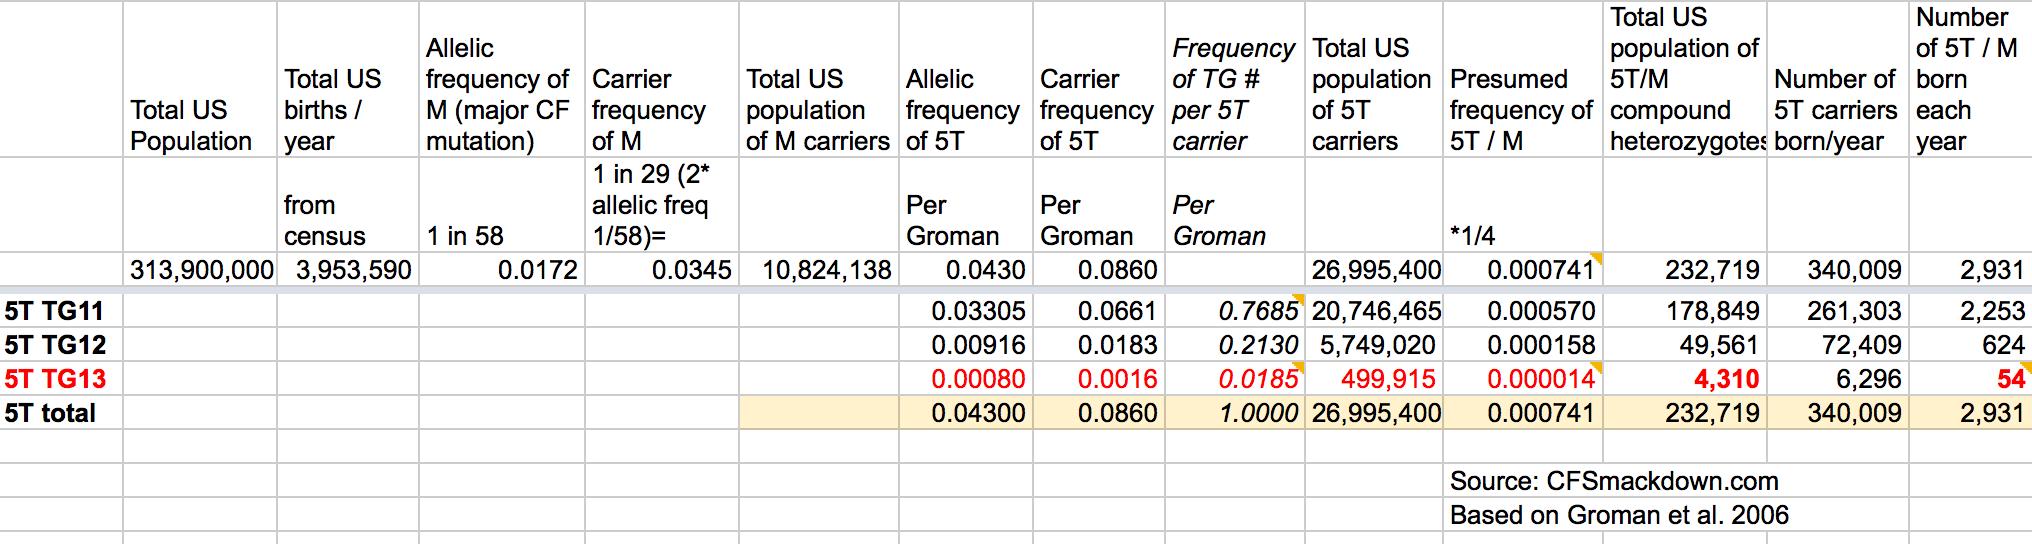 IVS8(5T) Estimates.png